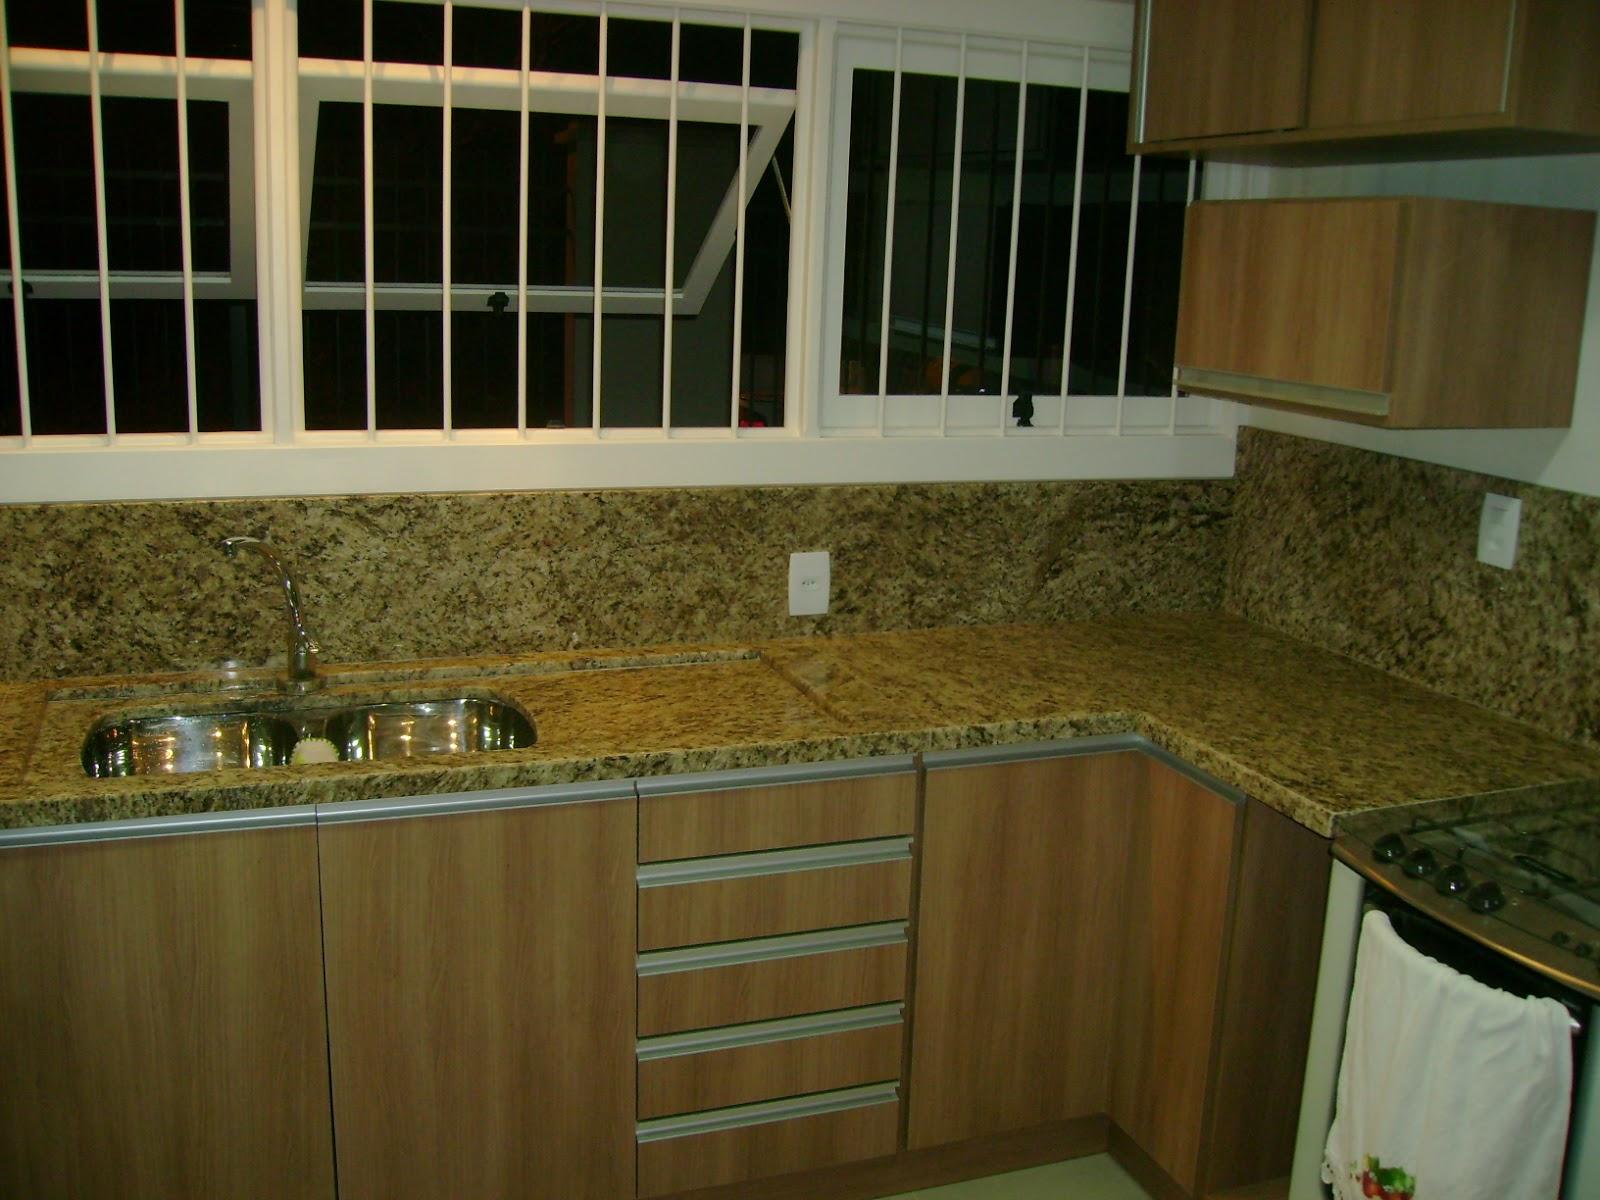 GRANITO ORNAMENTAL ESCURO ORNAMENTAL CLARO E BRANCO FORTALEZA #997C32 1600x1200 Banheiro Com Granito Ornamental